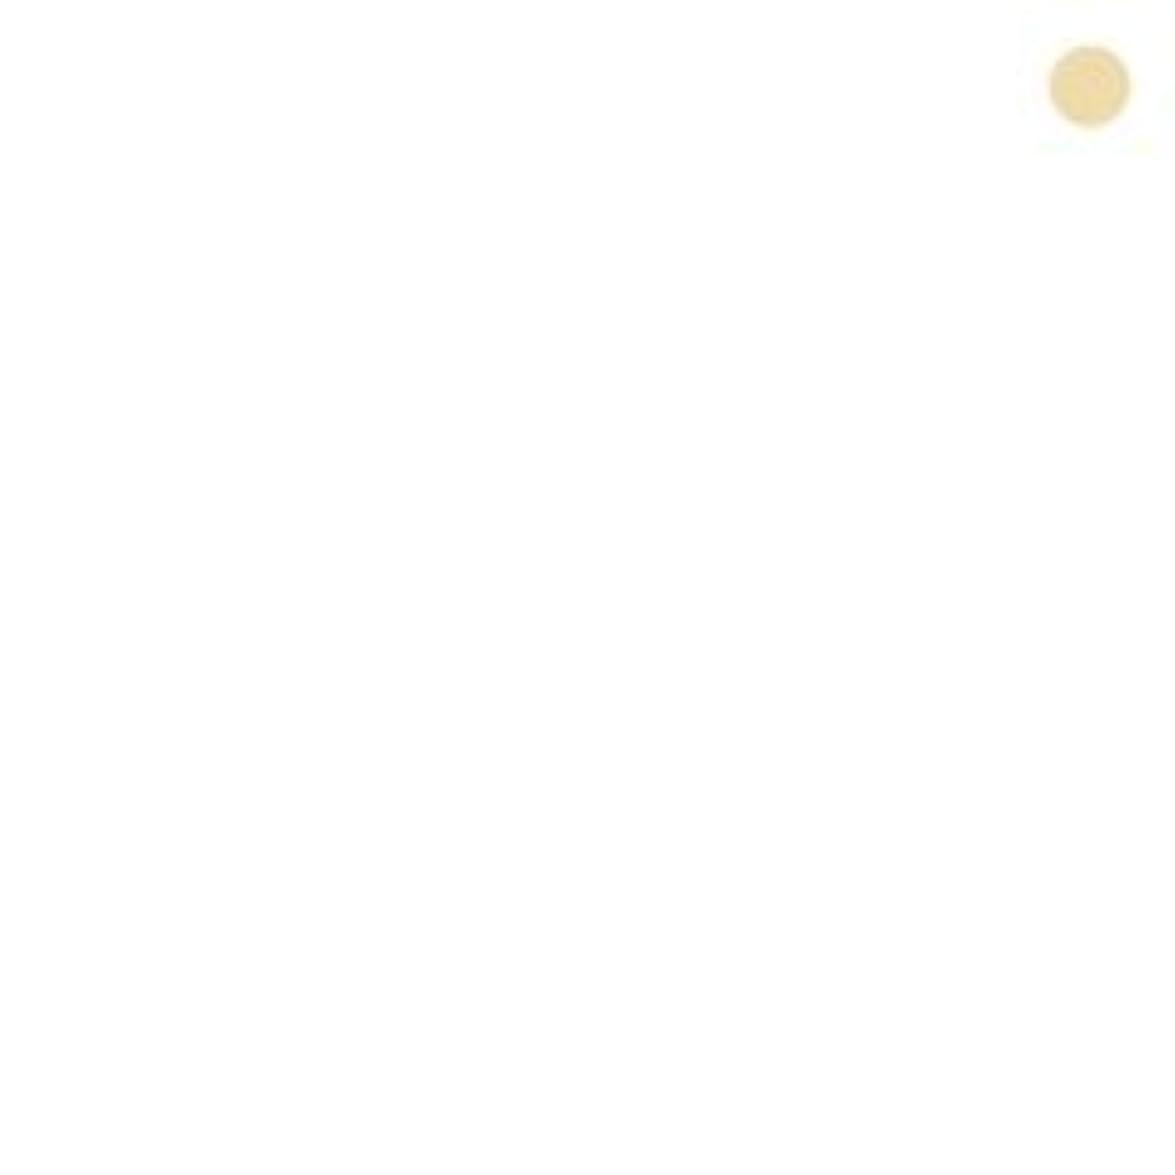 狐ブランドバスタブ【カバーマーク】ジャスミーカラー パウダリーファンデーション #BN20 (レフィル)